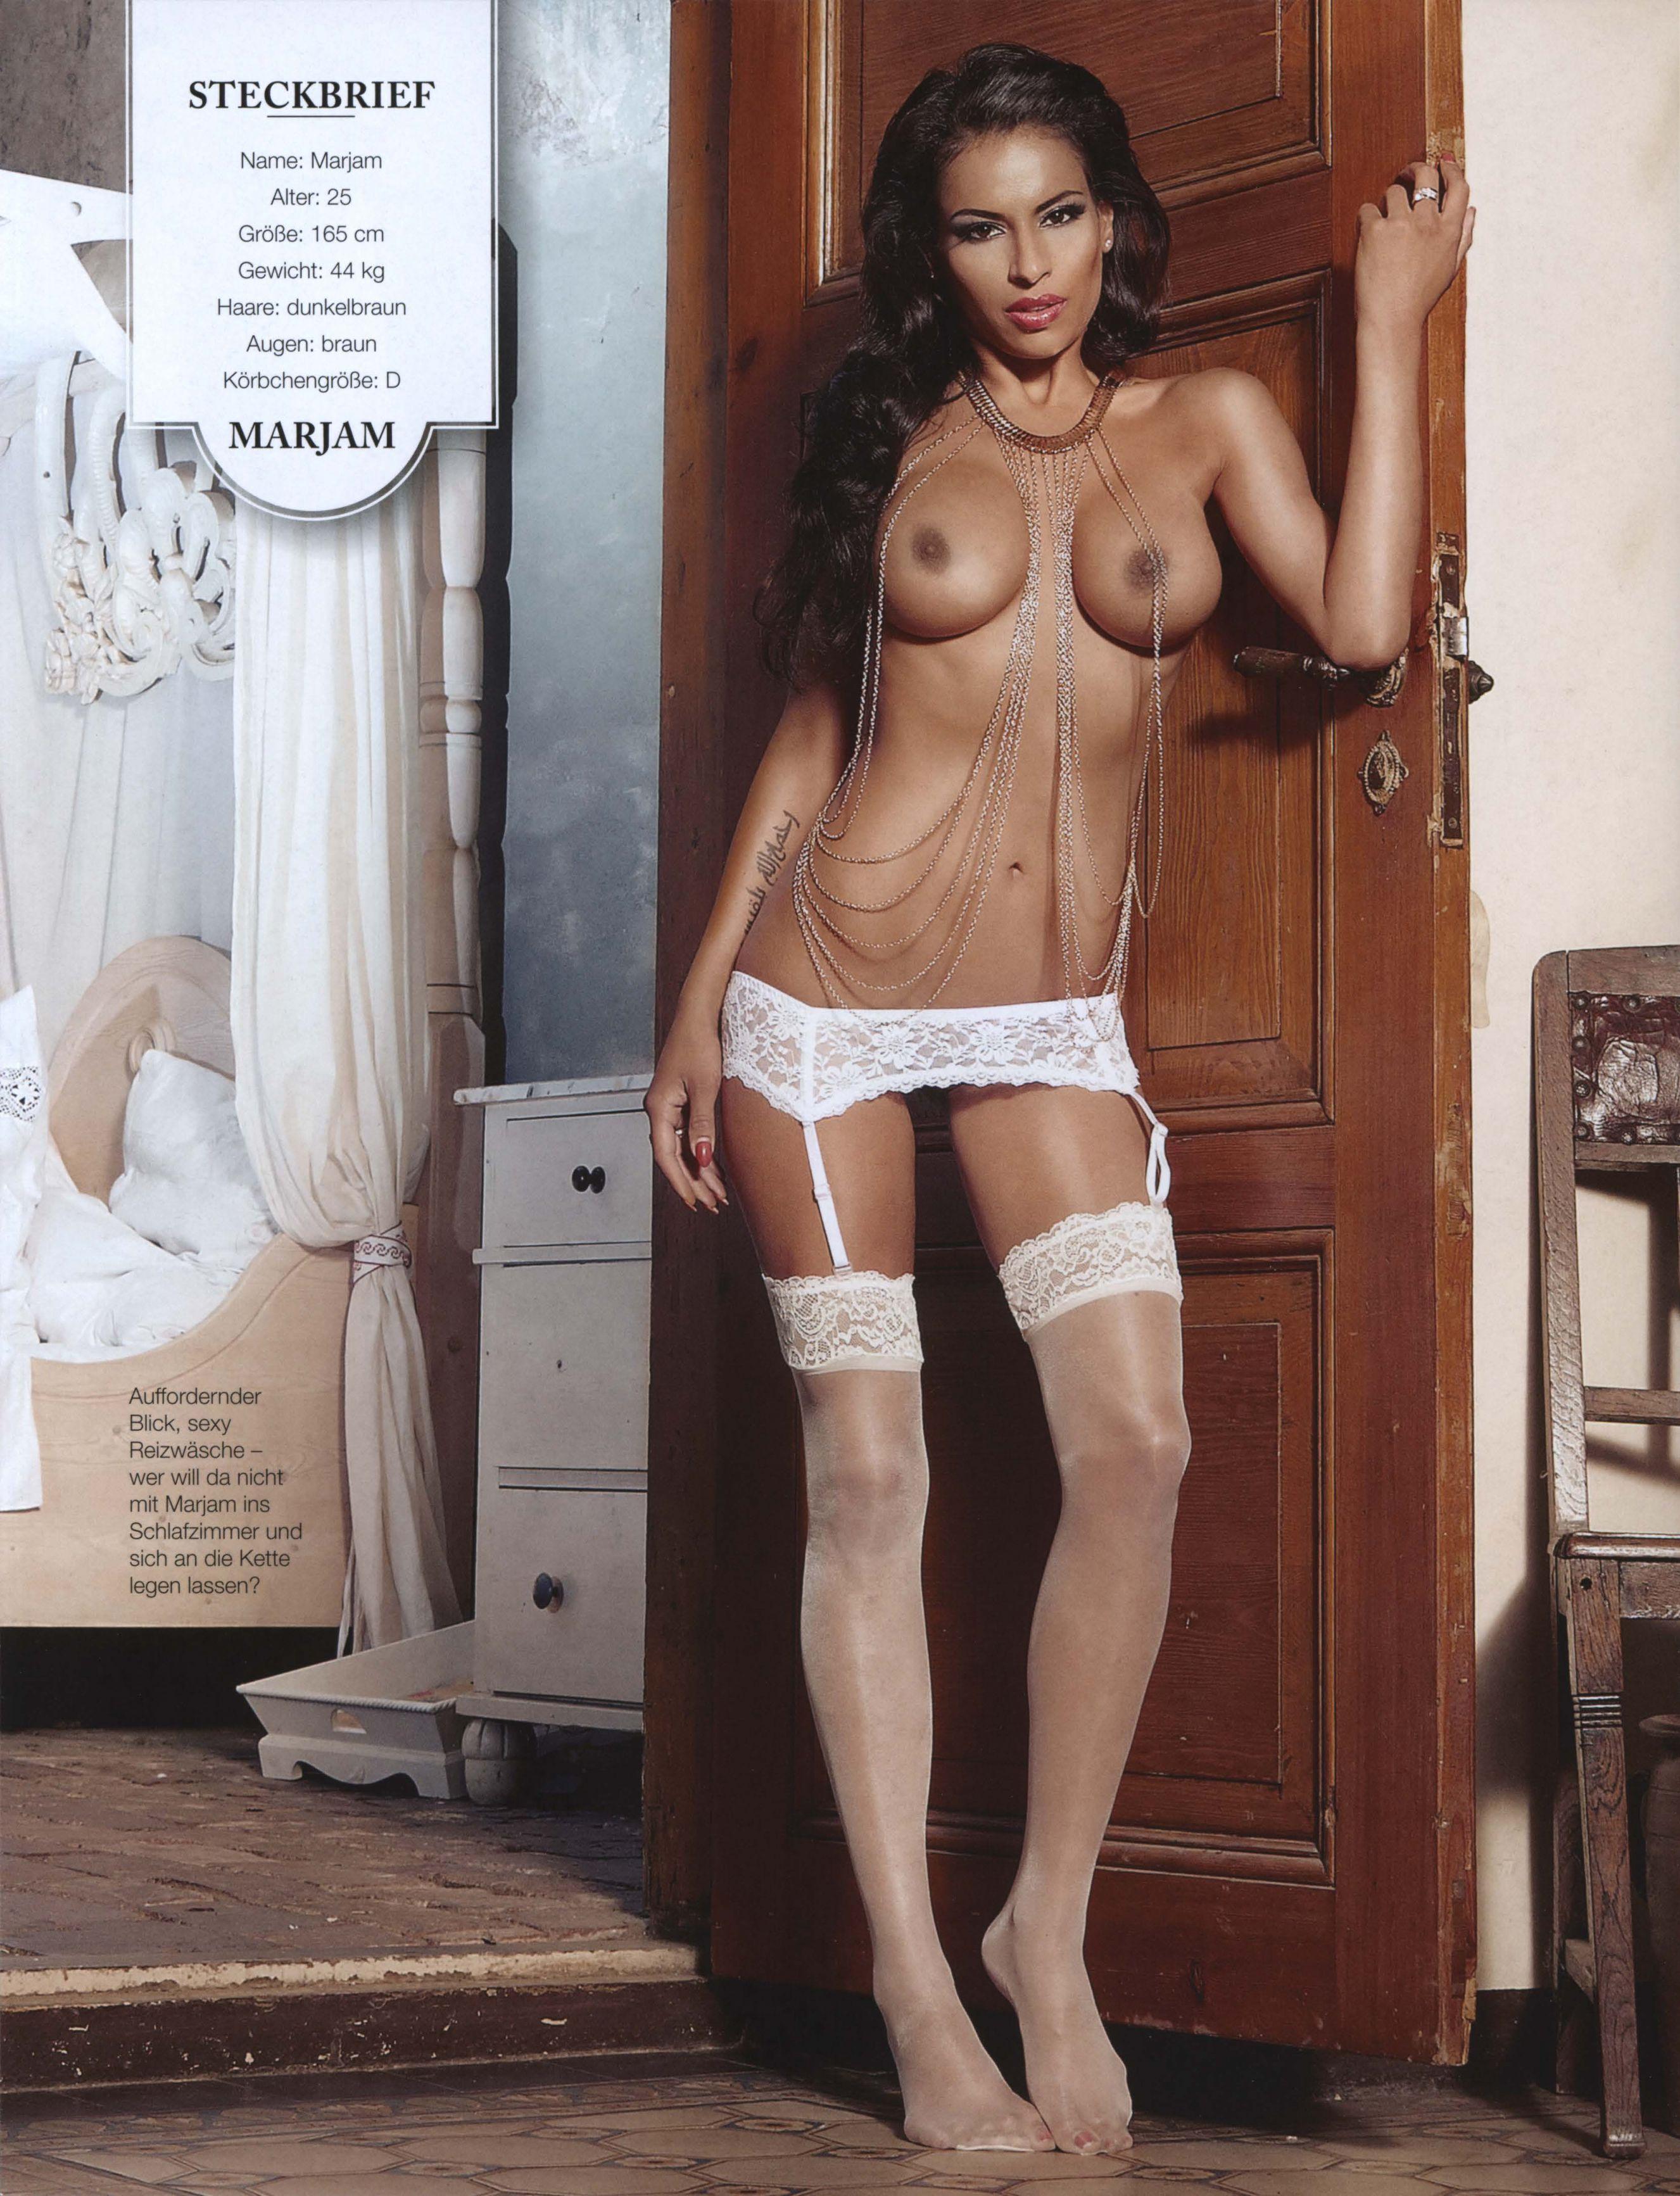 Marjam Sexy Nude Photosho...